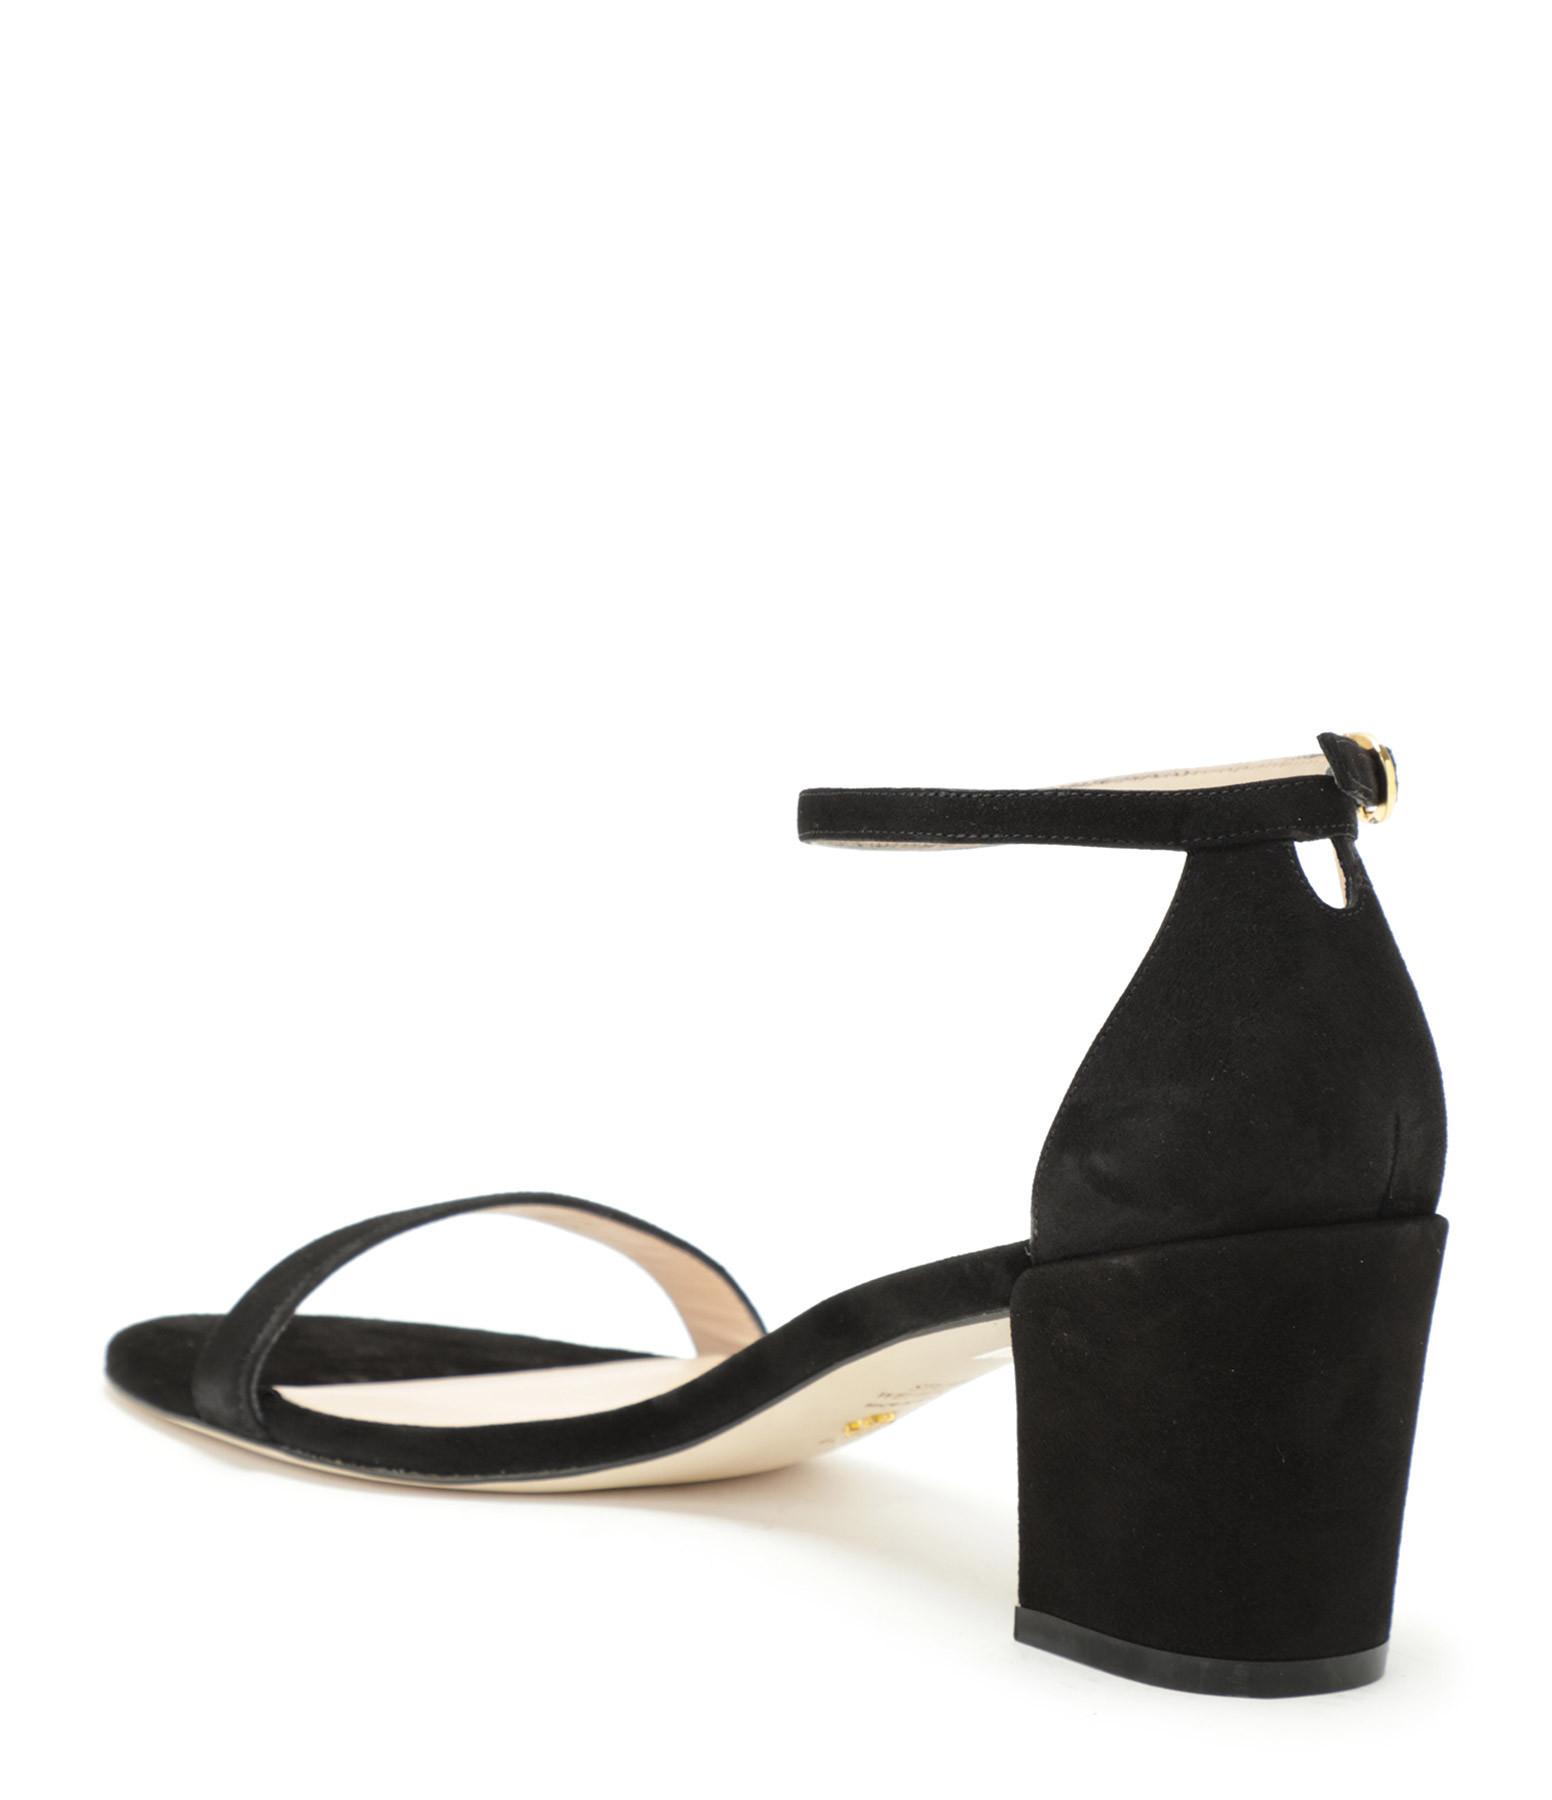 STUART WEITZMAN - Sandales Simple Cuir Suédé Noir